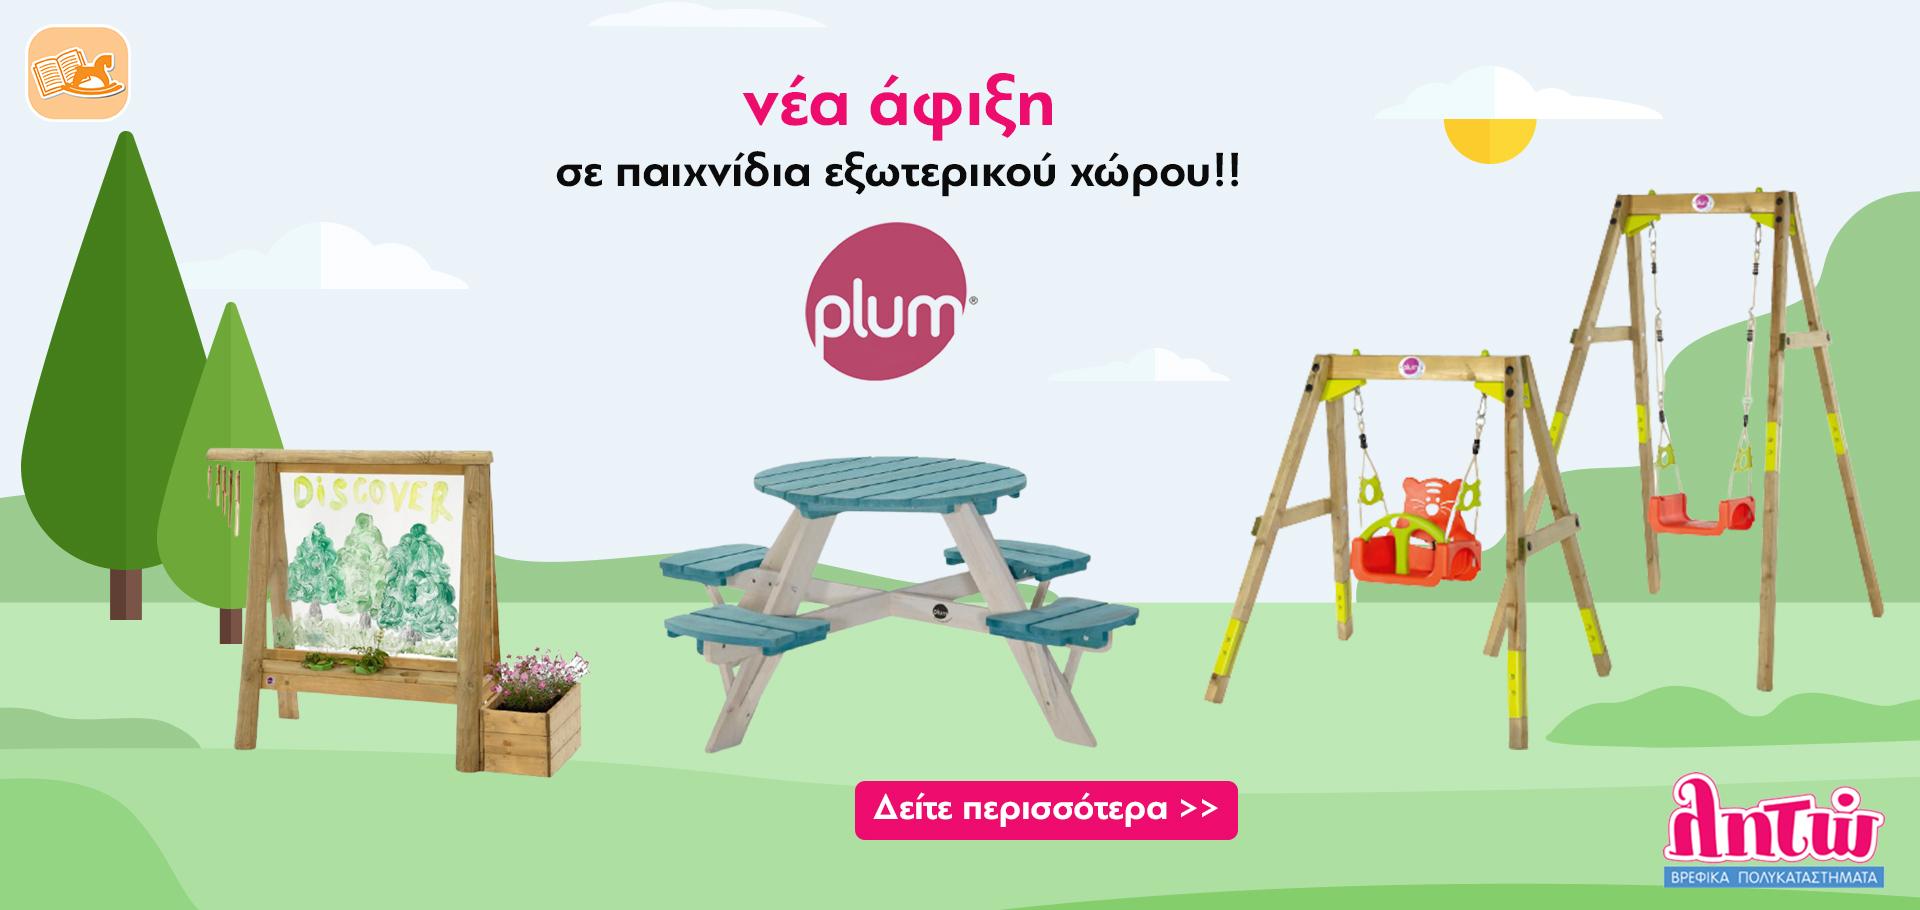 Plum - Νέα άφιξη